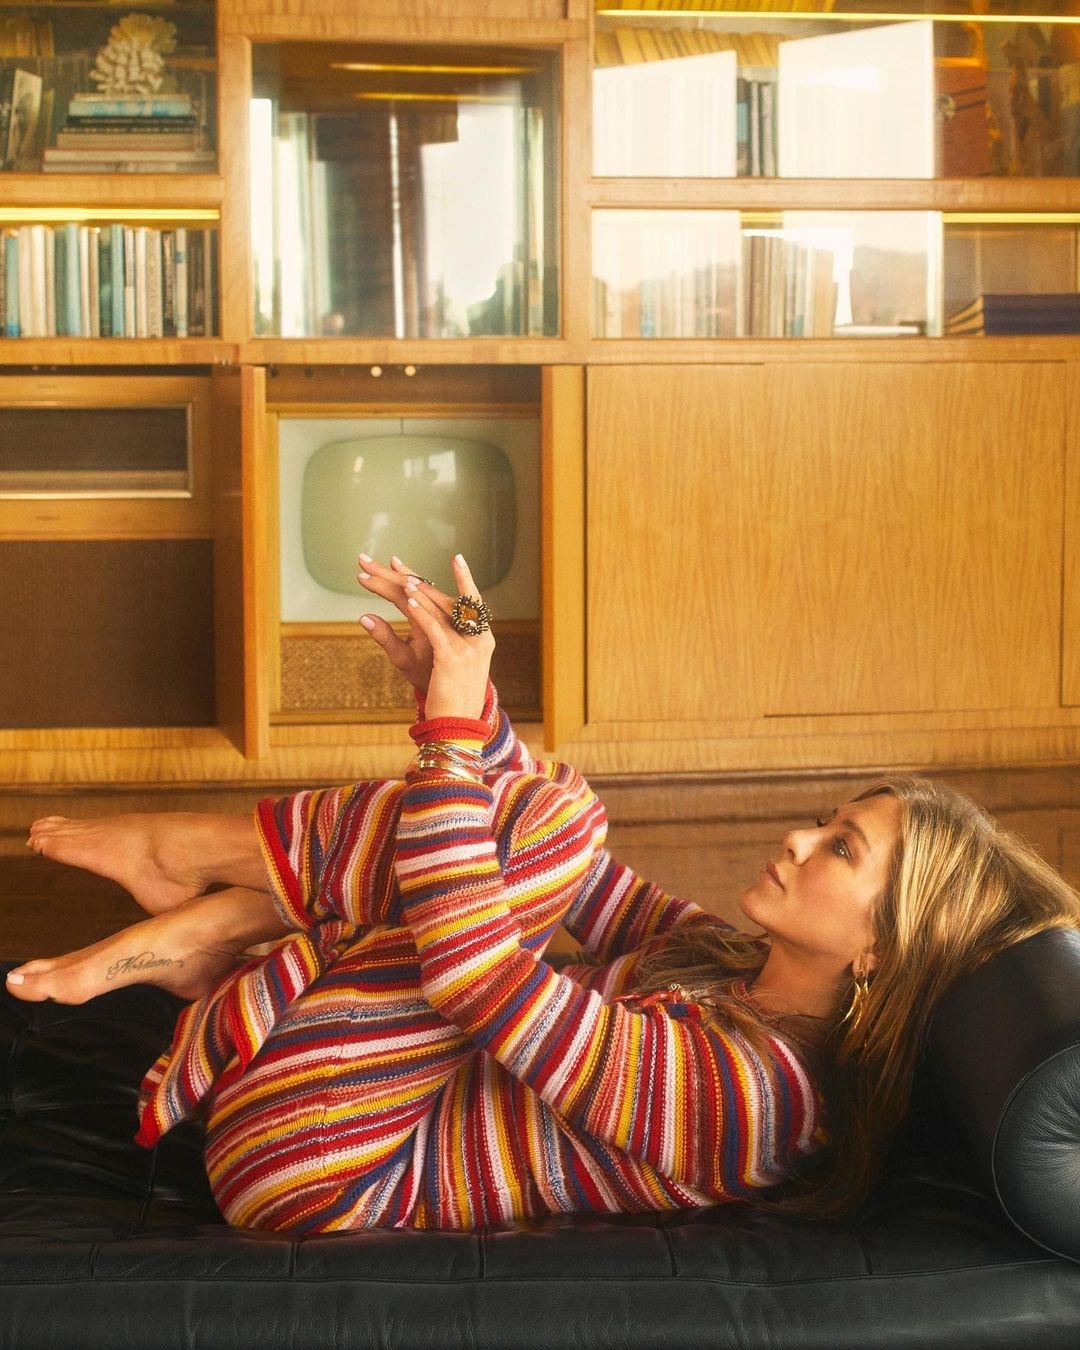 Неувядающая красота: Дженнифер Энистон покорила поклонников новой съемкой для глянца (ФОТО) - фото №5